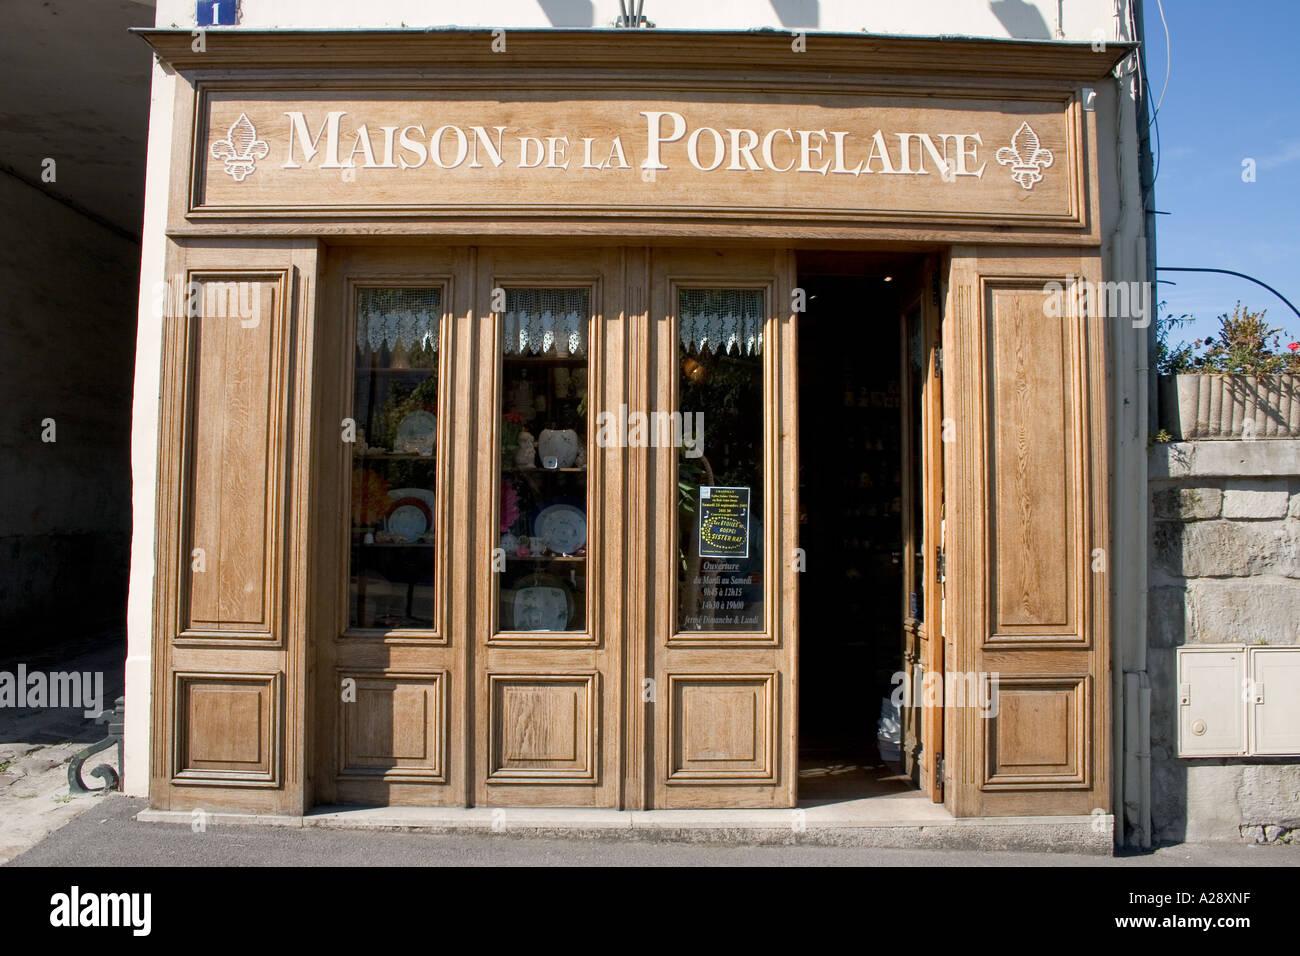 Maison de la Porcelaine Chantilly Oise France Stock Photo - Alamy